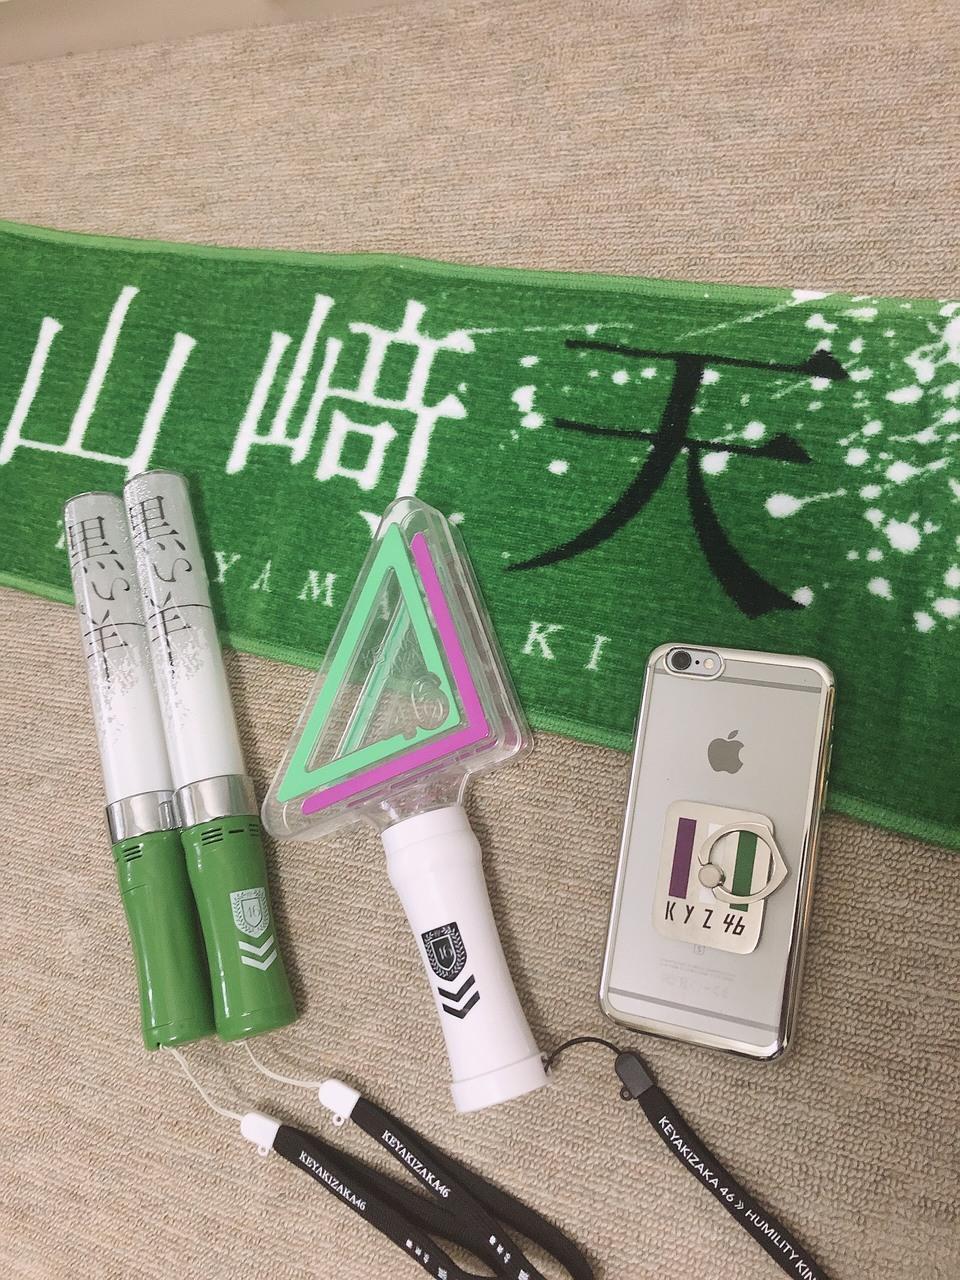 山﨑 天 公式ブログ | 欅坂46公式サイト 2019-11-12 14:34:44